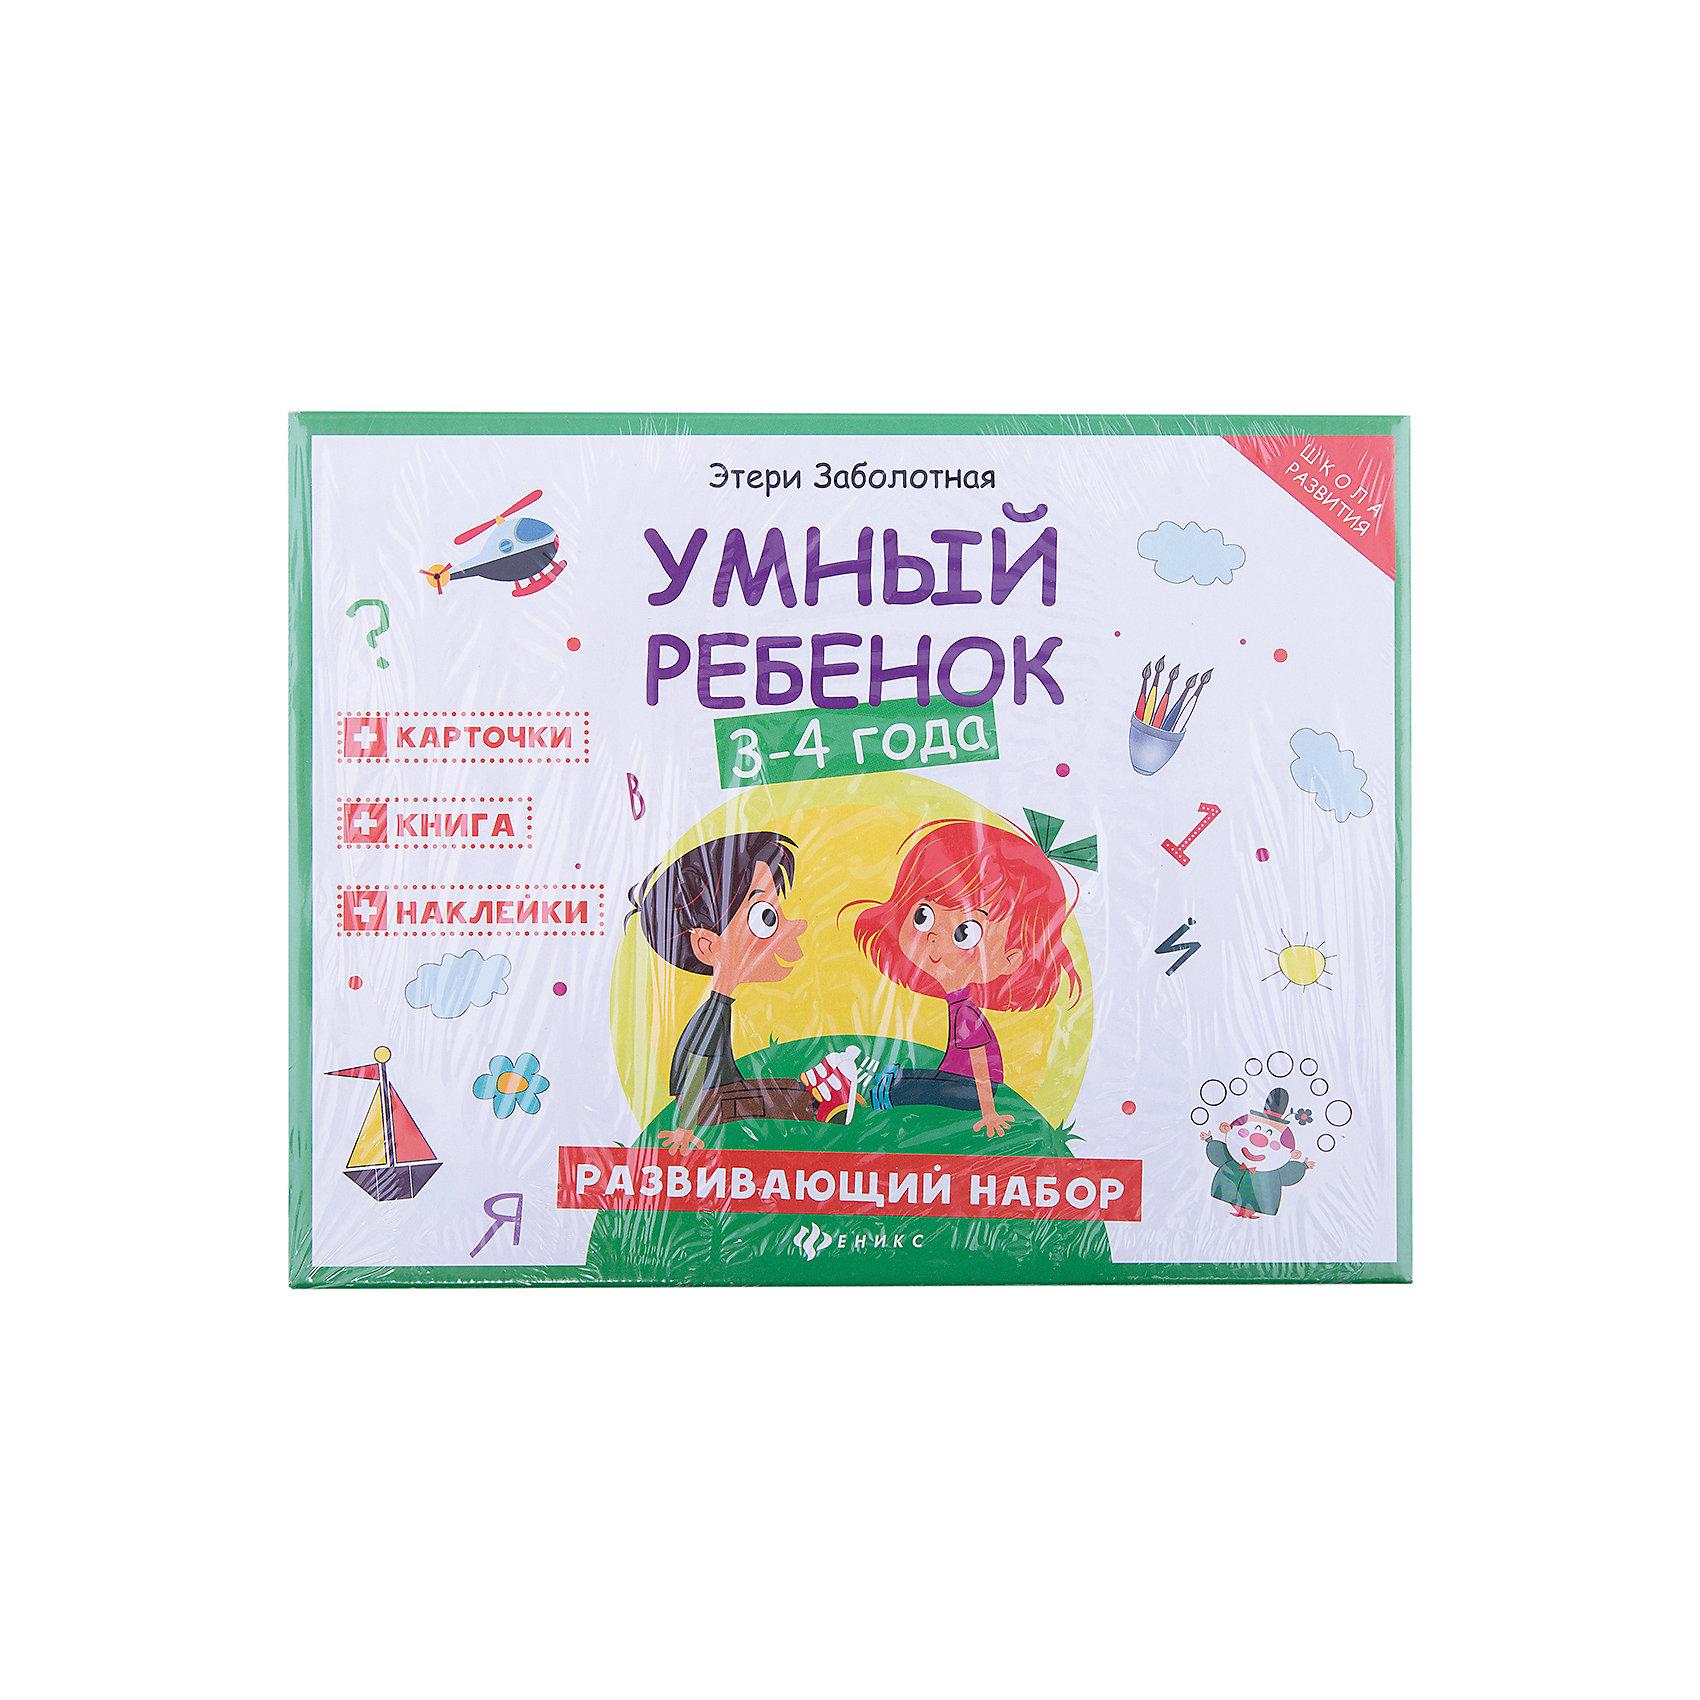 Умный ребенок:3-4 года:развивающий наборОкружающий мир<br>В набор для вашего малыша входит:<br>1. Книга «Умный ребёнок: 3-4 года», автор Этери Заболотная. Книга выдержала 6 переизданий и пользуется неизменной популярностью среди наших читателей. Обучаясь по программе, предложенной в книге, ваш ребёнок получит раннее всестороннее развитие интеллекта и приобретёт необходимые знания, умения и навыки для успешного обучения в школе.<br>2. Набор из 30 развивающих карточек, которые познакомят вашего ребёнка с фигурами, цифрами, цветами и временами года.<br>3. Набор мотивирующих наклеек, которые помогут вам расширить систему поощрений и позволят в форме игры добиваться правильных действий от ребёнка, не создавая напряжения (давления на него) в отношениях с ним.<br>Развивающий набор может быть полезен педагогам дошкольных учреждений, воспитателям, гувернёрам, а также станет подспорьем для индивидуальных занятий родителей с детьми.<br><br>Ширина мм: 270<br>Глубина мм: 210<br>Высота мм: 320<br>Вес г: 564<br>Возраст от месяцев: 48<br>Возраст до месяцев: 72<br>Пол: Унисекс<br>Возраст: Детский<br>SKU: 7127620